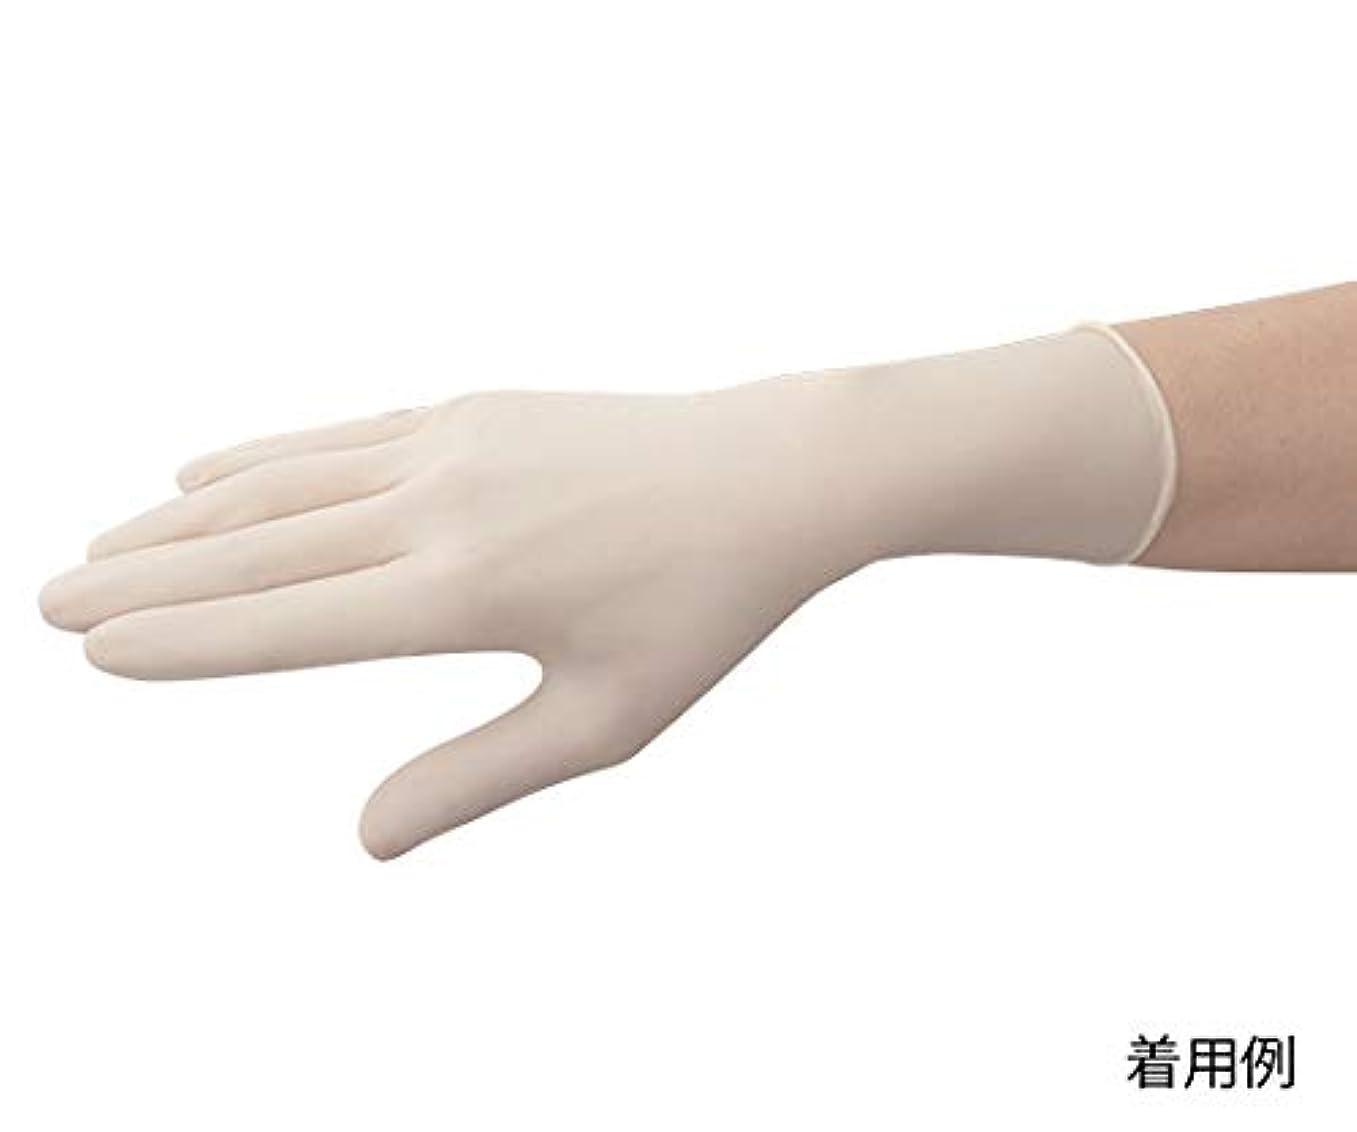 葉を拾う疑問に思う空気東レ?メディカル 手術用手袋メディグリップ パウダーフリー50双 8160MG